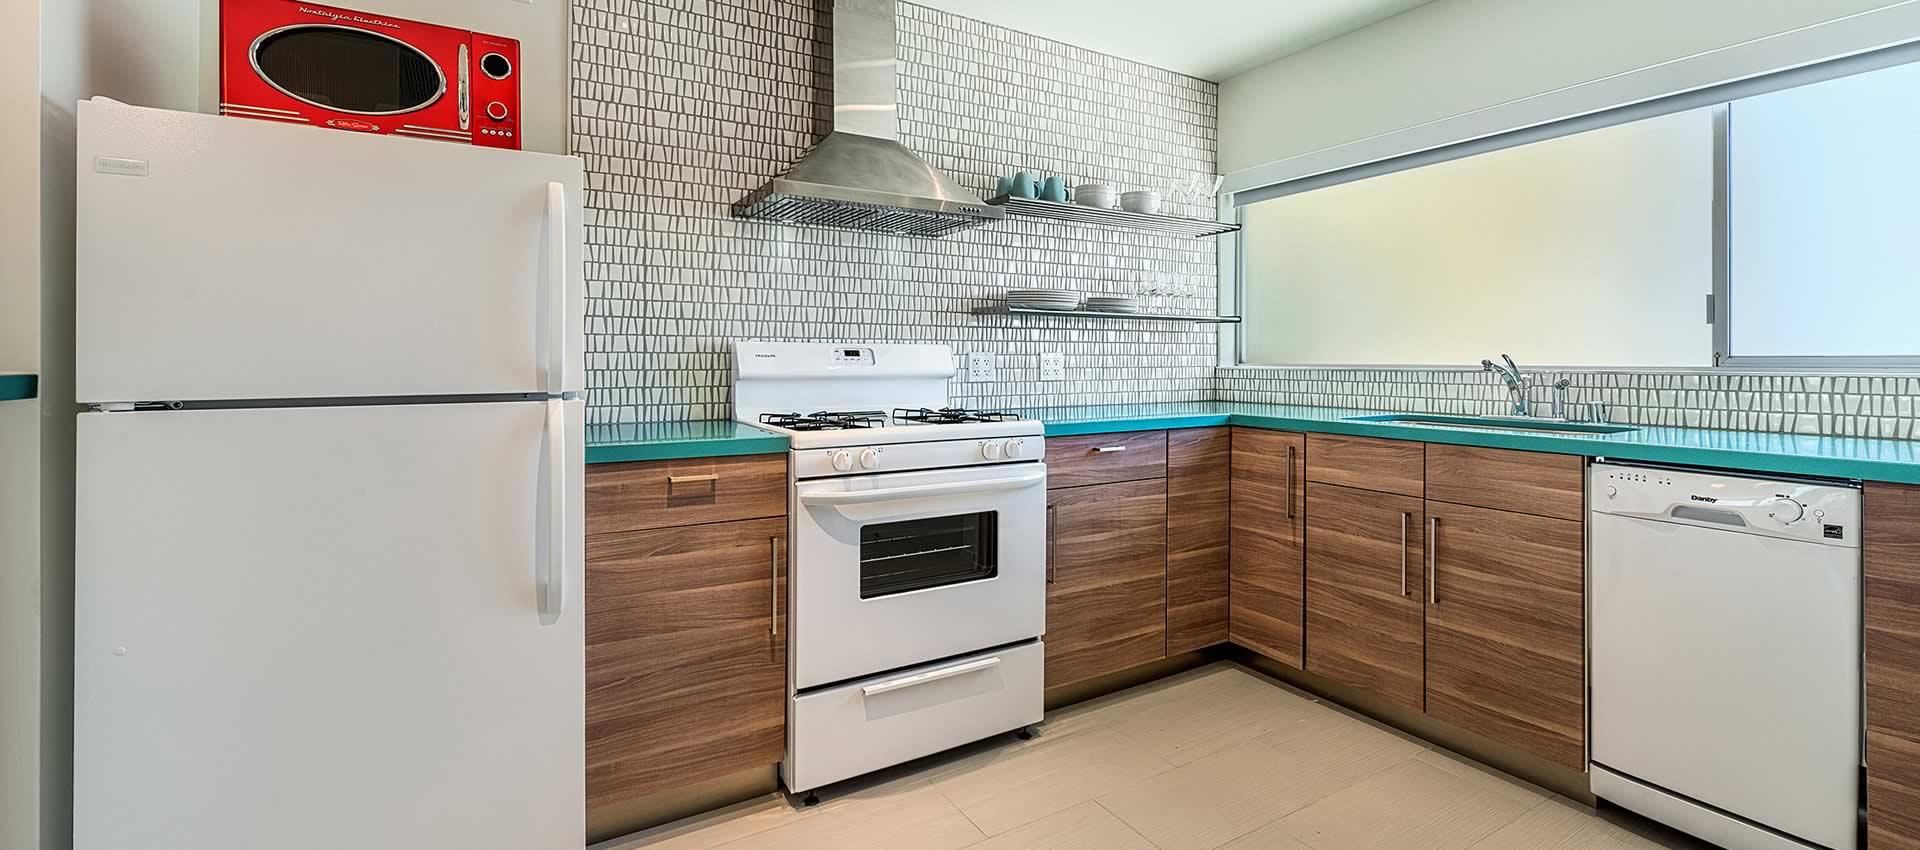 twist hotel studio room modern bright kitchen